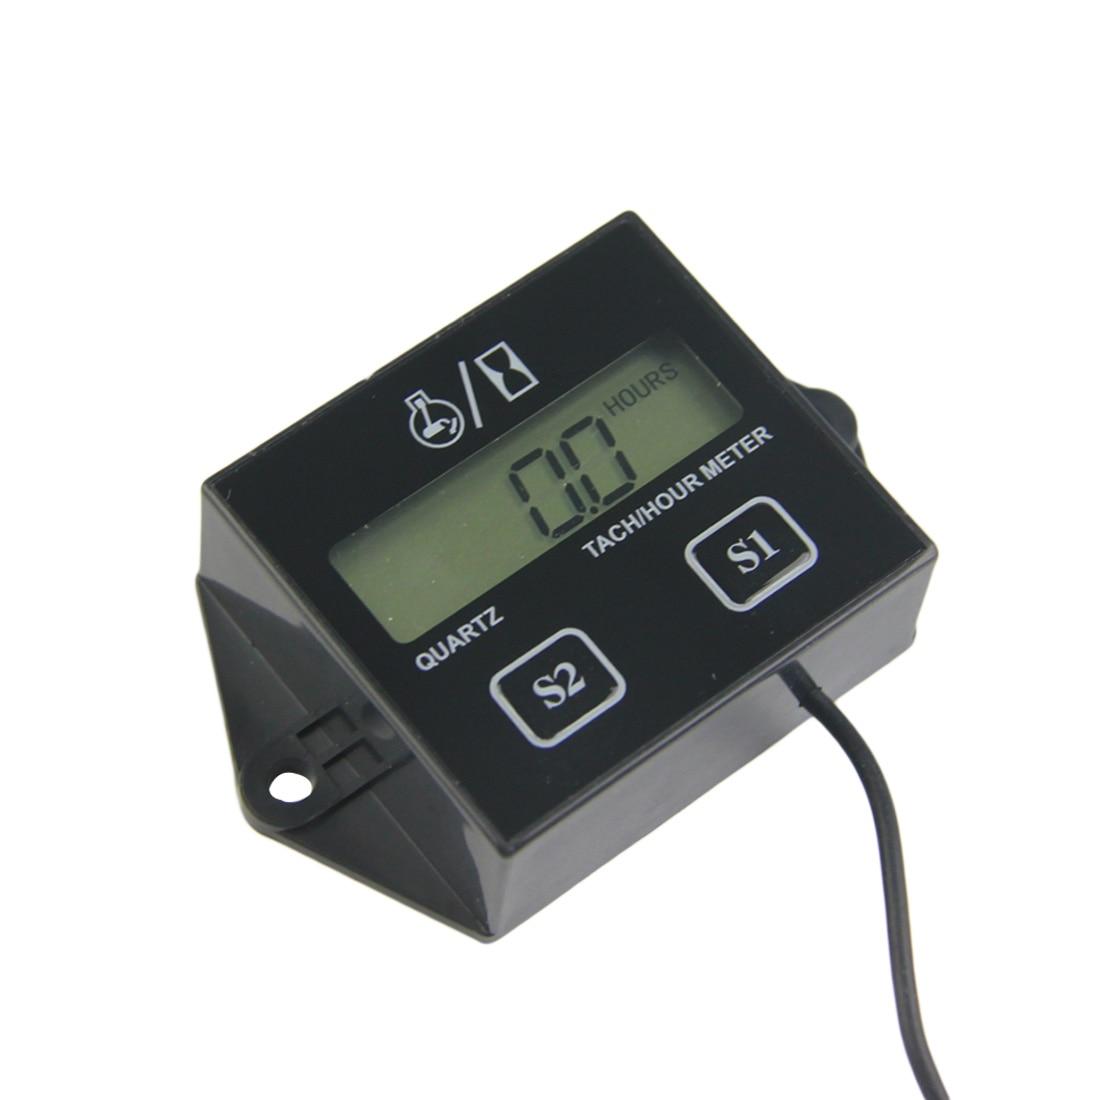 Engine Spark Tech Hour Meter Digital Engine Tachometer Gauge Inductive For Motorcycle Motor Stroke